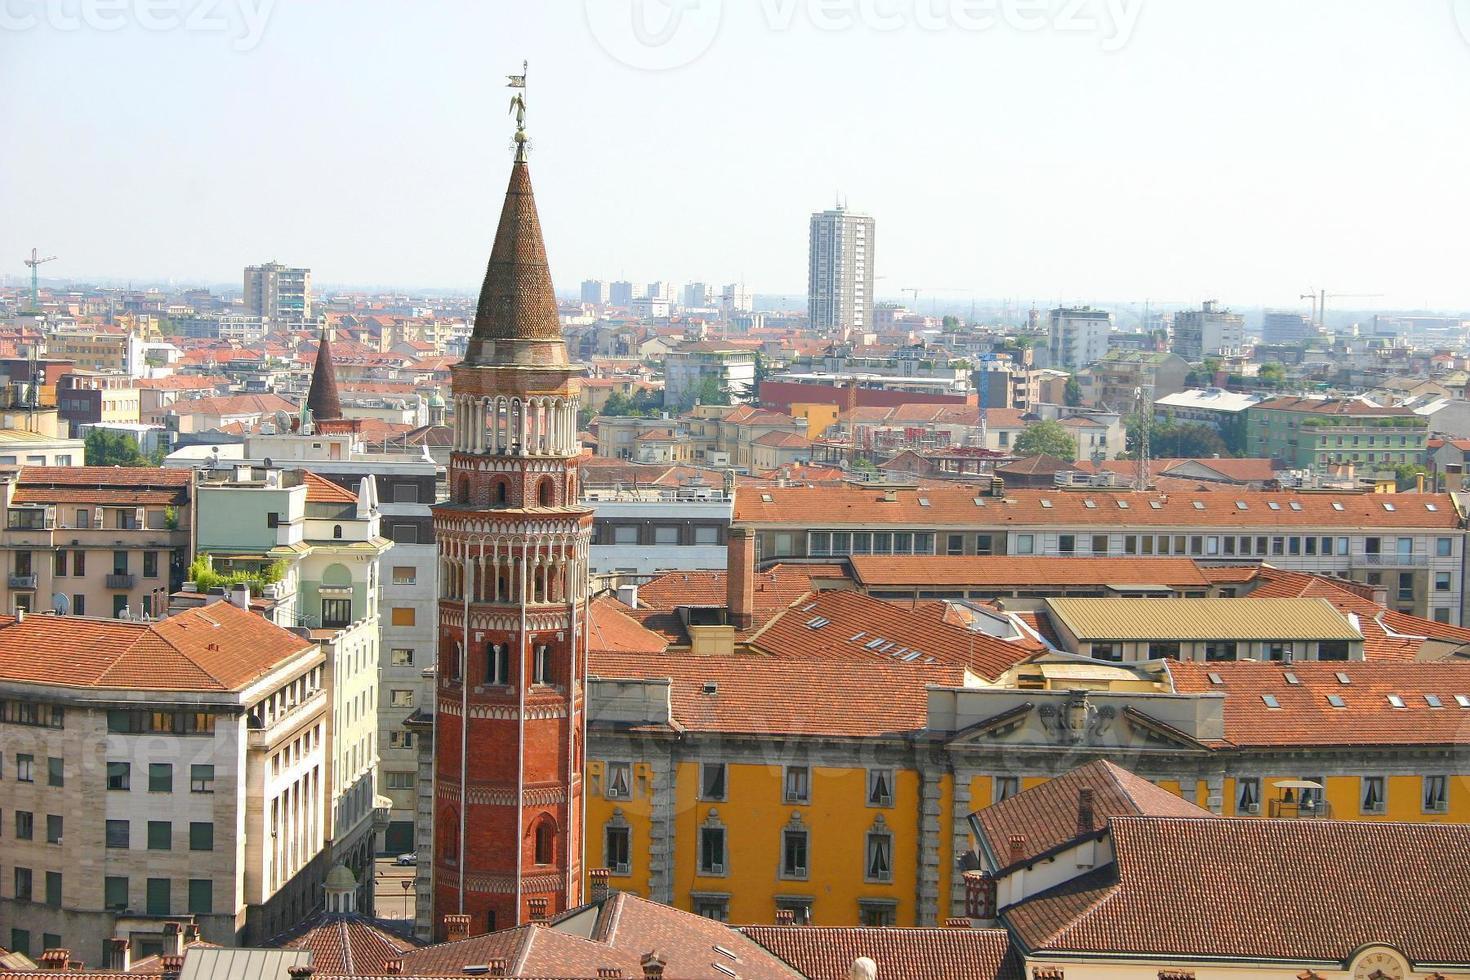 vista aérea de Milão a partir do telhado do domo, Itália foto